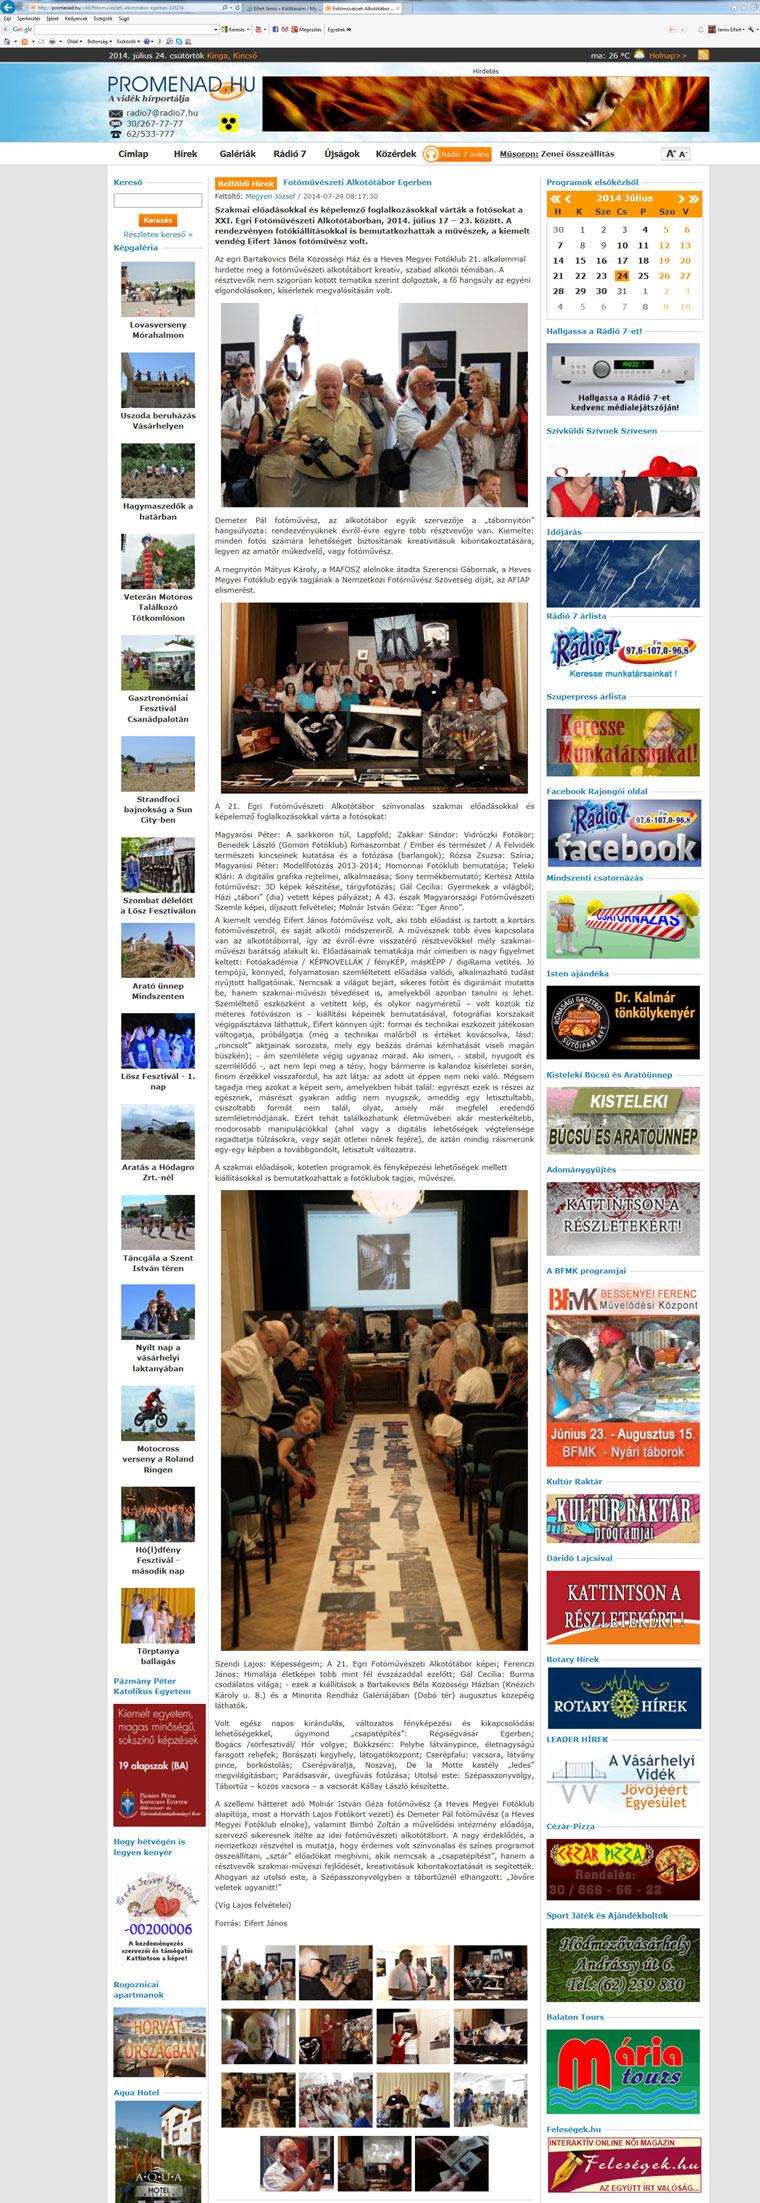 2014.07.24.-Promenad.hu-Egri-Fotóművészeti-Alkotótelep